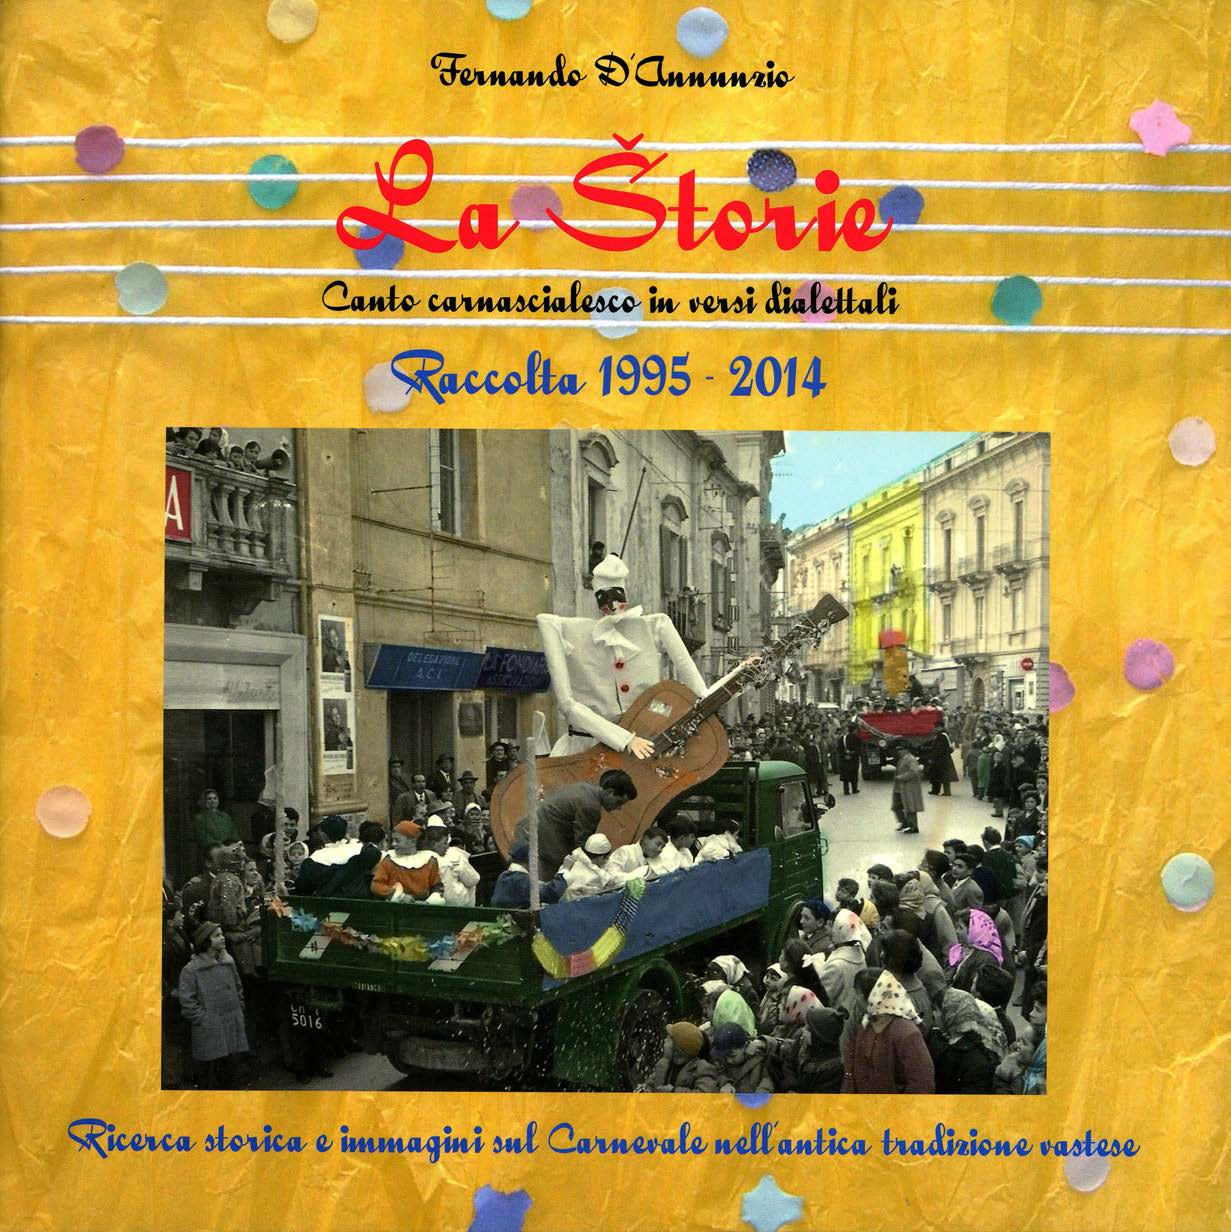 La_storie_fernando_dannunzio_cover